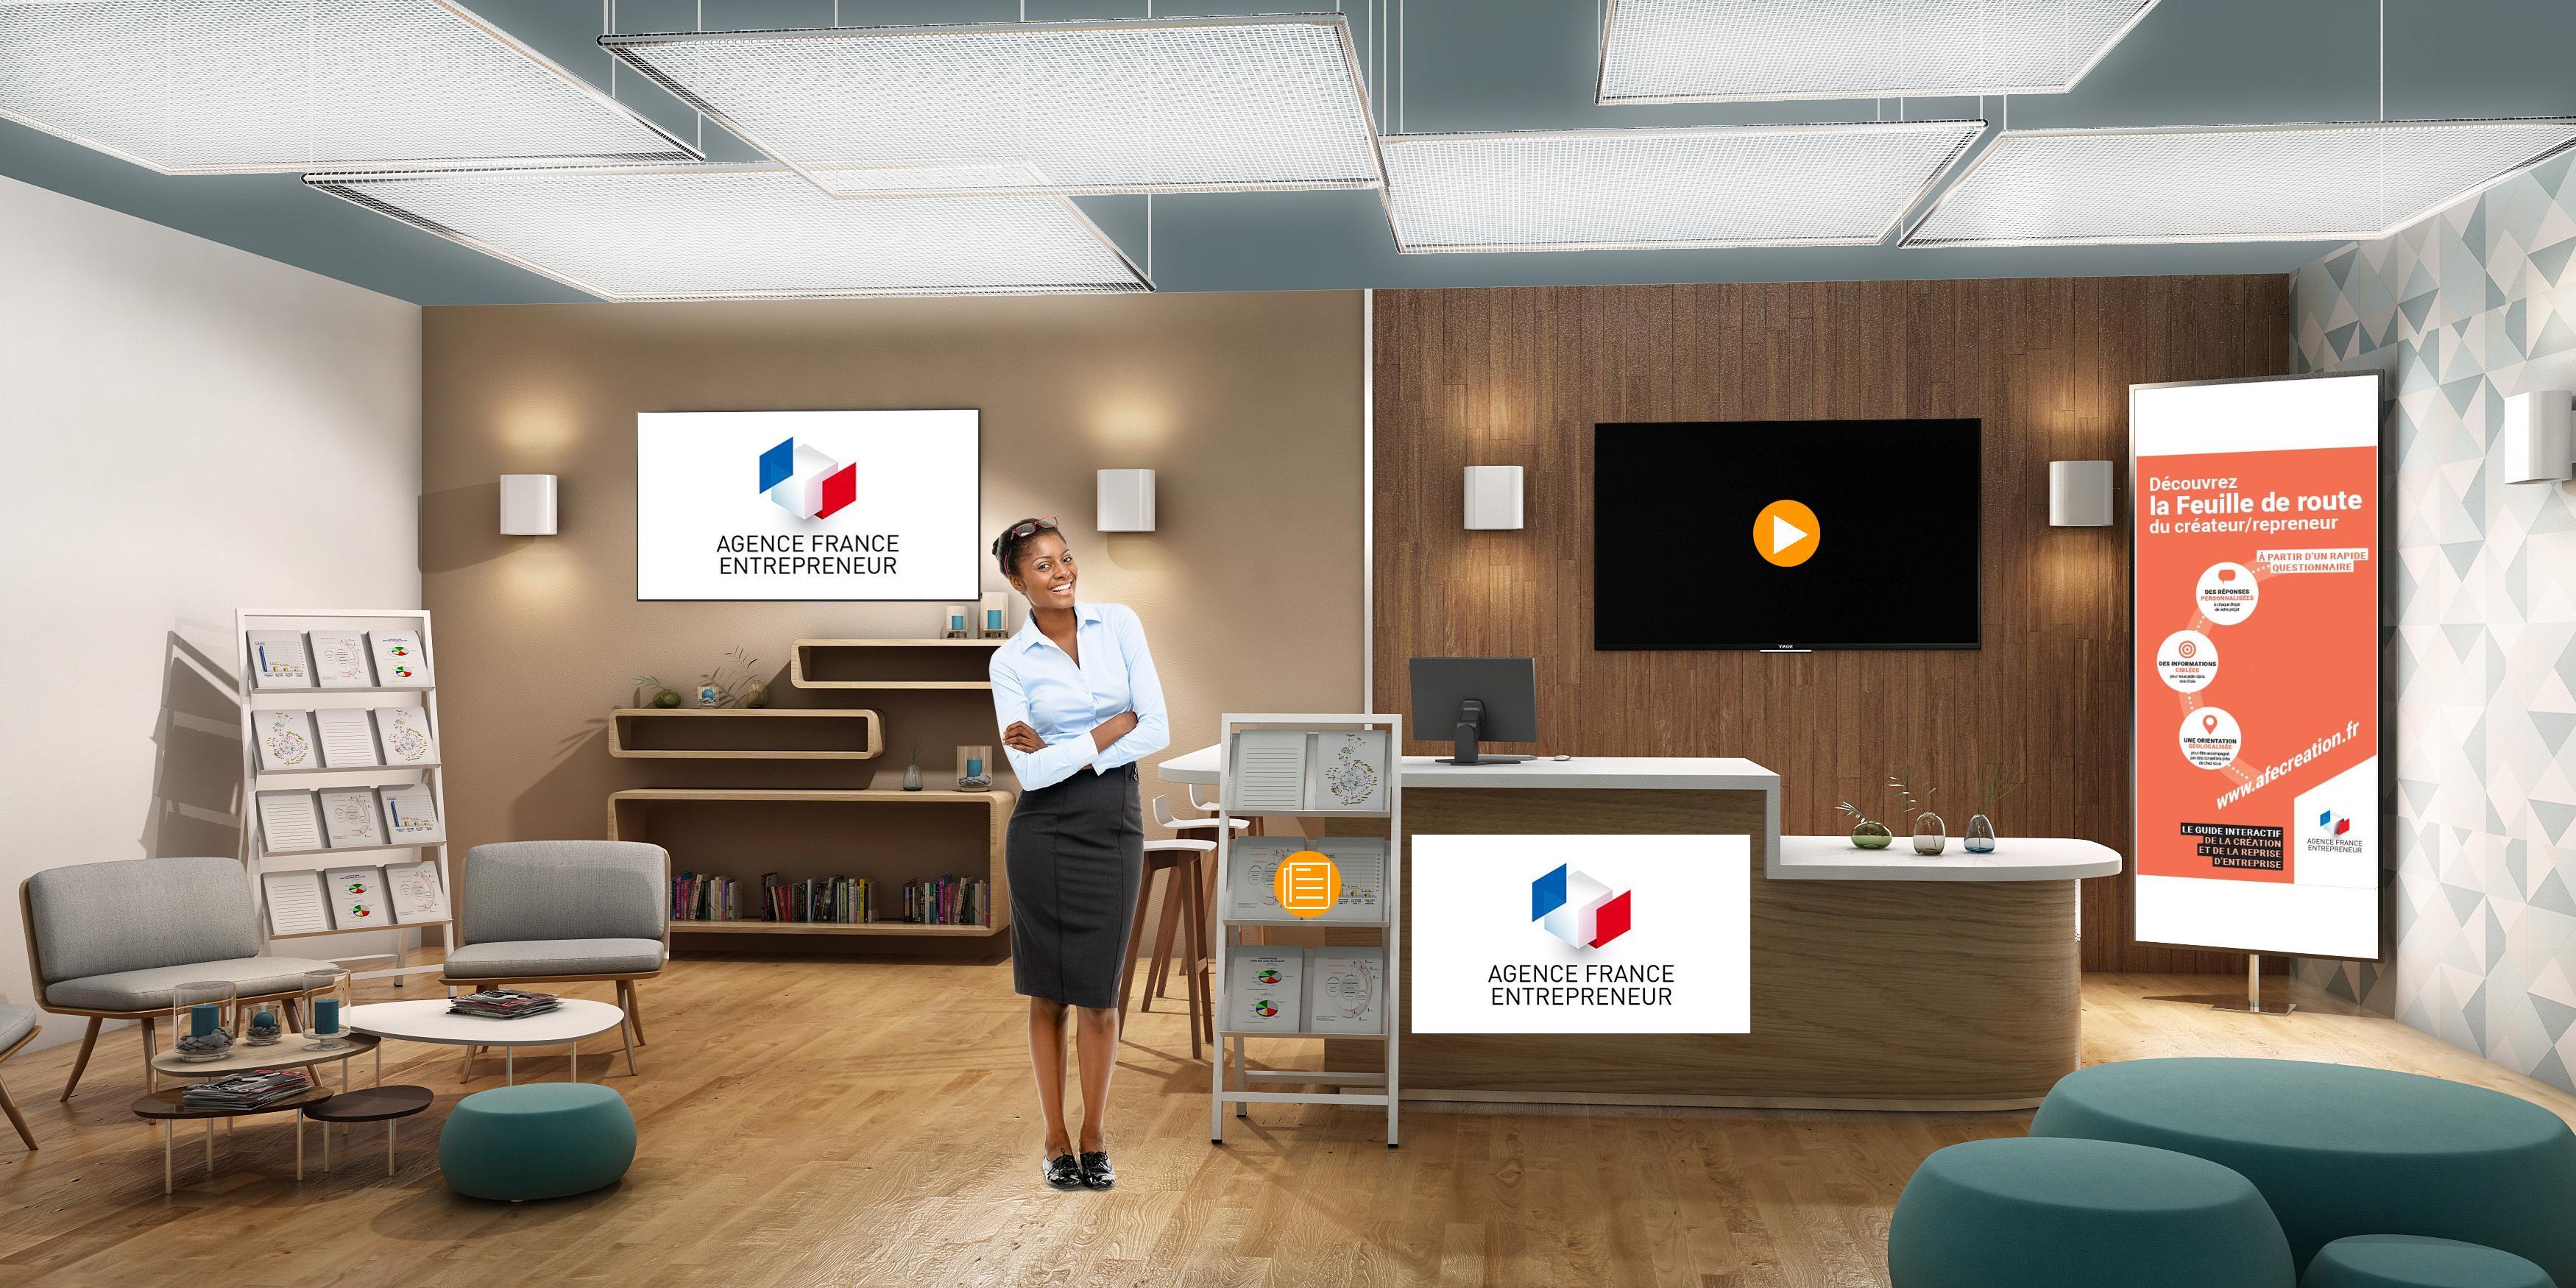 agence france entrepreneur. Black Bedroom Furniture Sets. Home Design Ideas